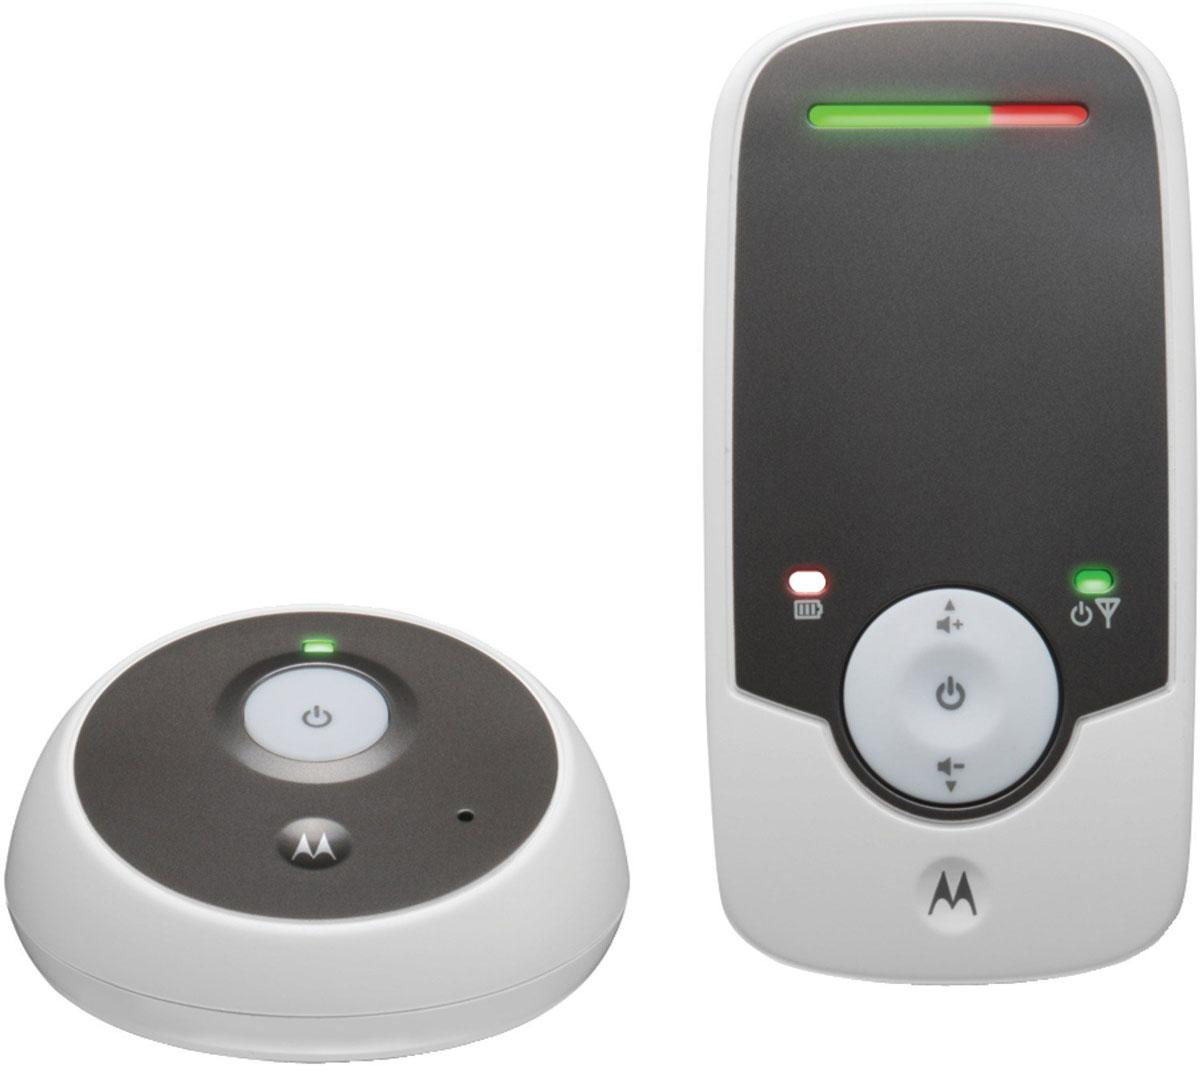 Радионяня Motorola МВР160 представляет собой беспроводное устройство наблюдения за ребенком, которое является прекрасным помощником для родителей. Данная модель специально разработана для удобства родителей и оснащена такими функциями как высокочувствительный микрофон, световые индикаторы уровня звука, сигнал о выходе из зоны действия сети. Радиус действия устройства составляет около 300 метров. Подставка (родительский модуль) работает от аккумуляторной батареи 2.4 V, 400 мАч) Детский модуль работает от сети.